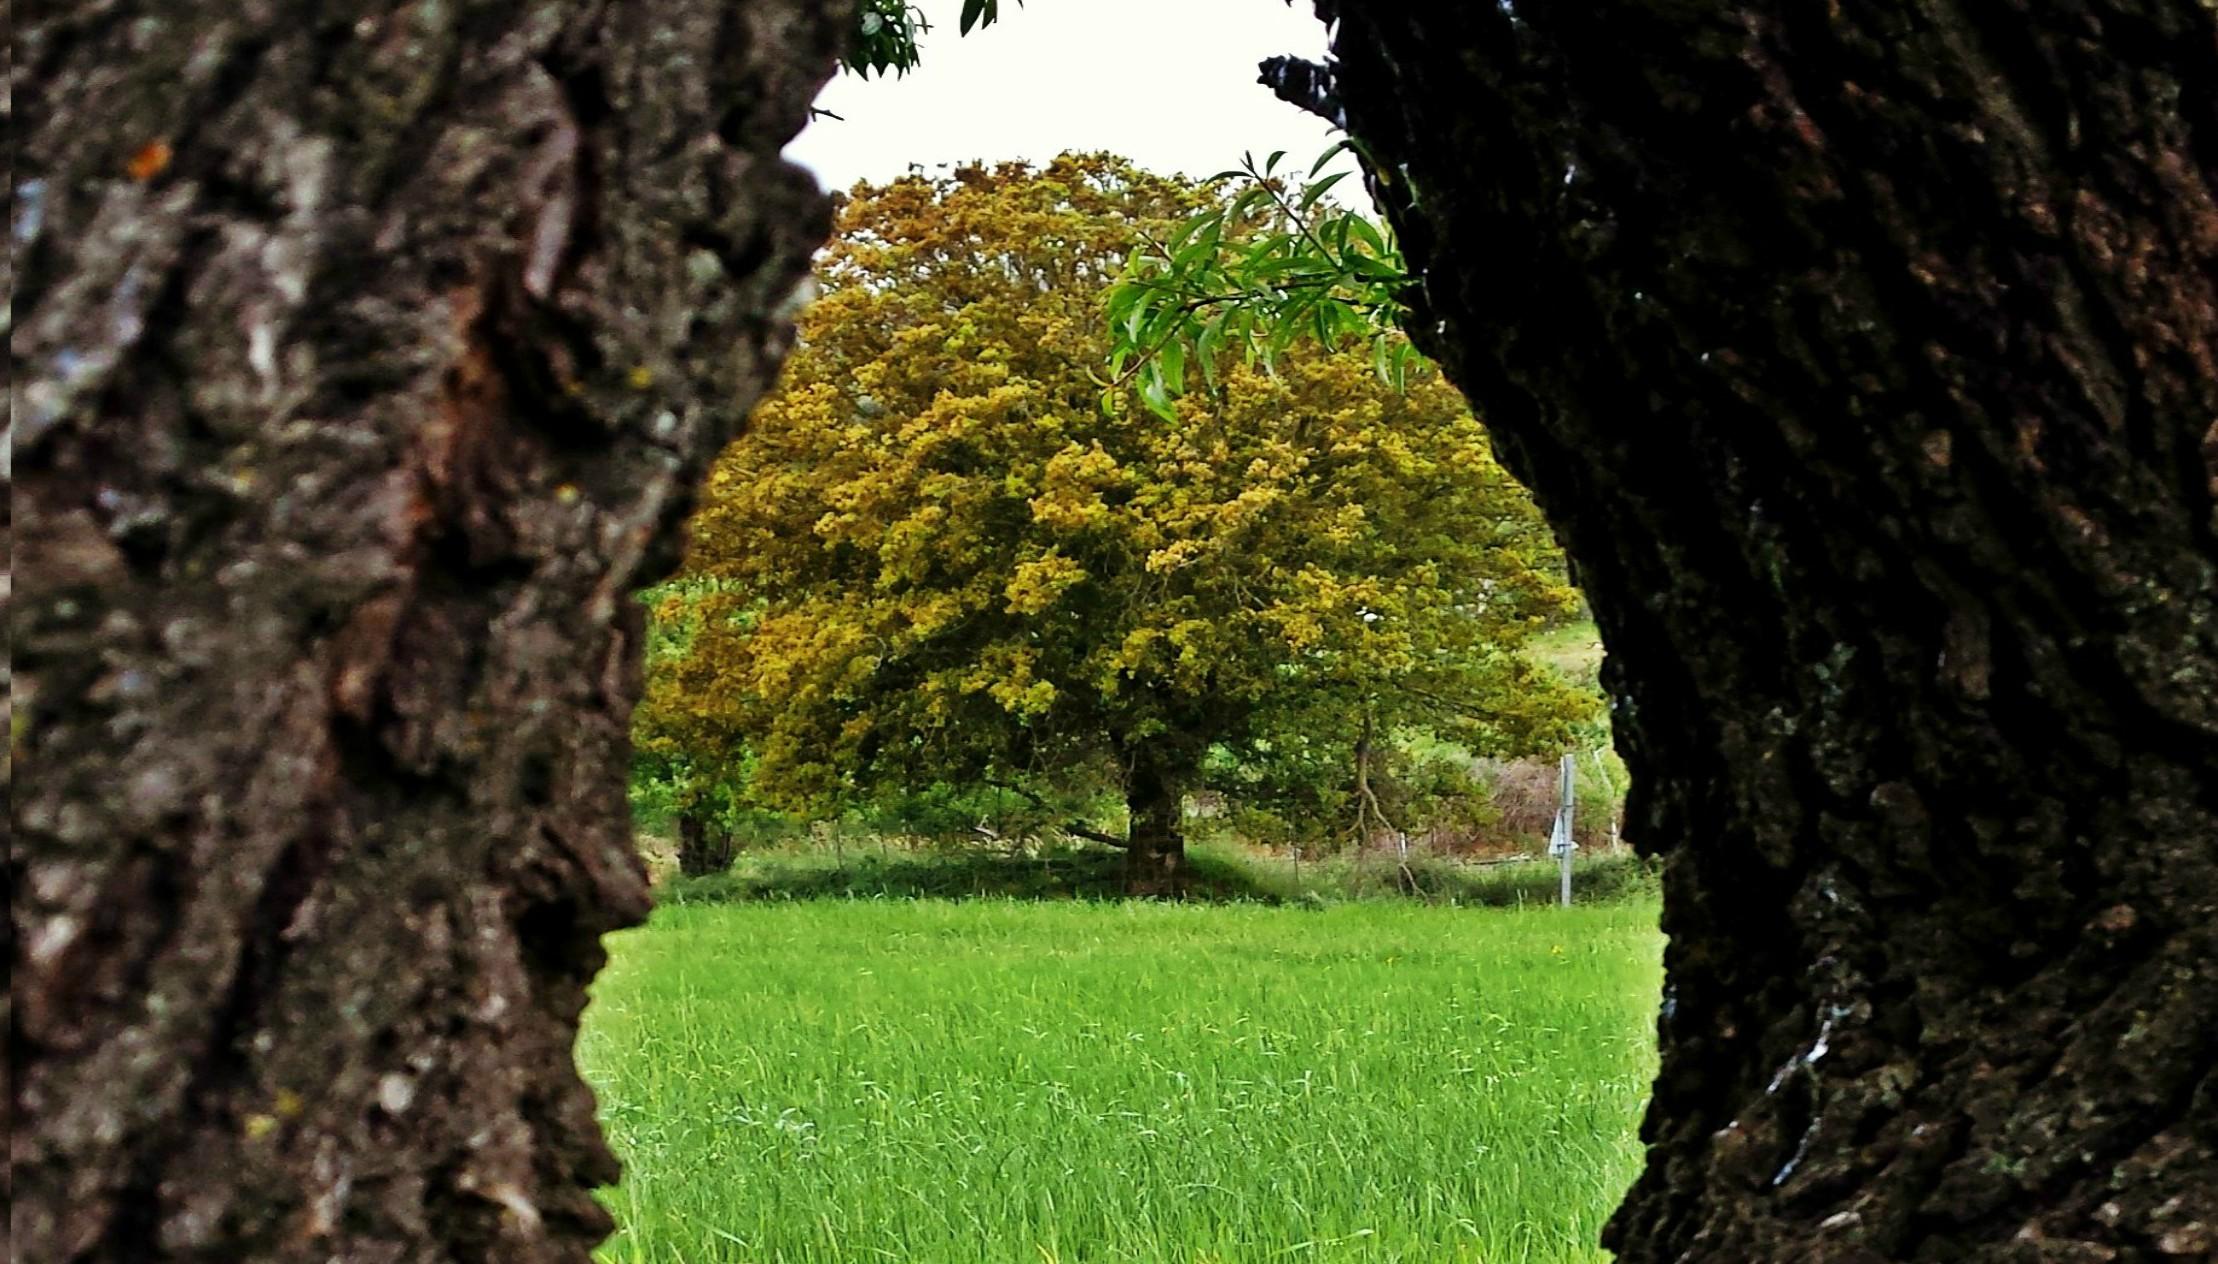 Φύση του χωριού Μαγουλά- Magoula's nature